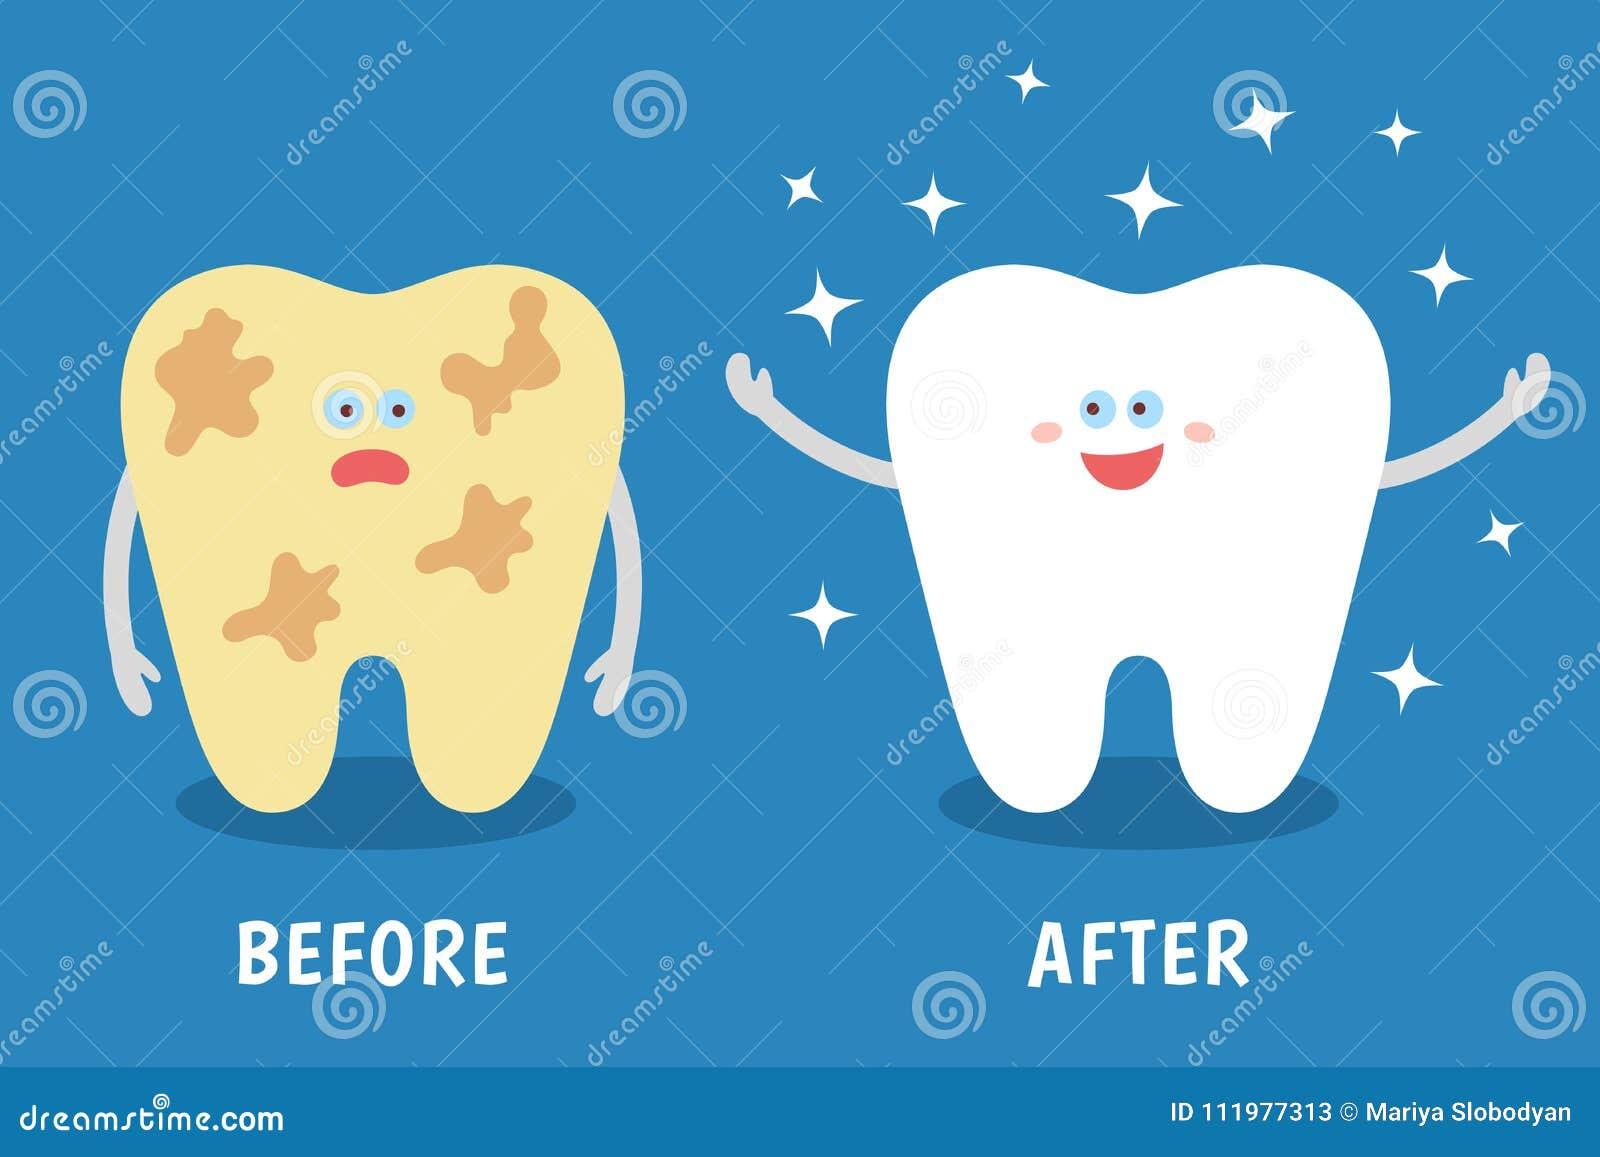 Karikaturzahn vor und nach Reinigung oder Weiß werden oder zahnmedizinische Verfahren